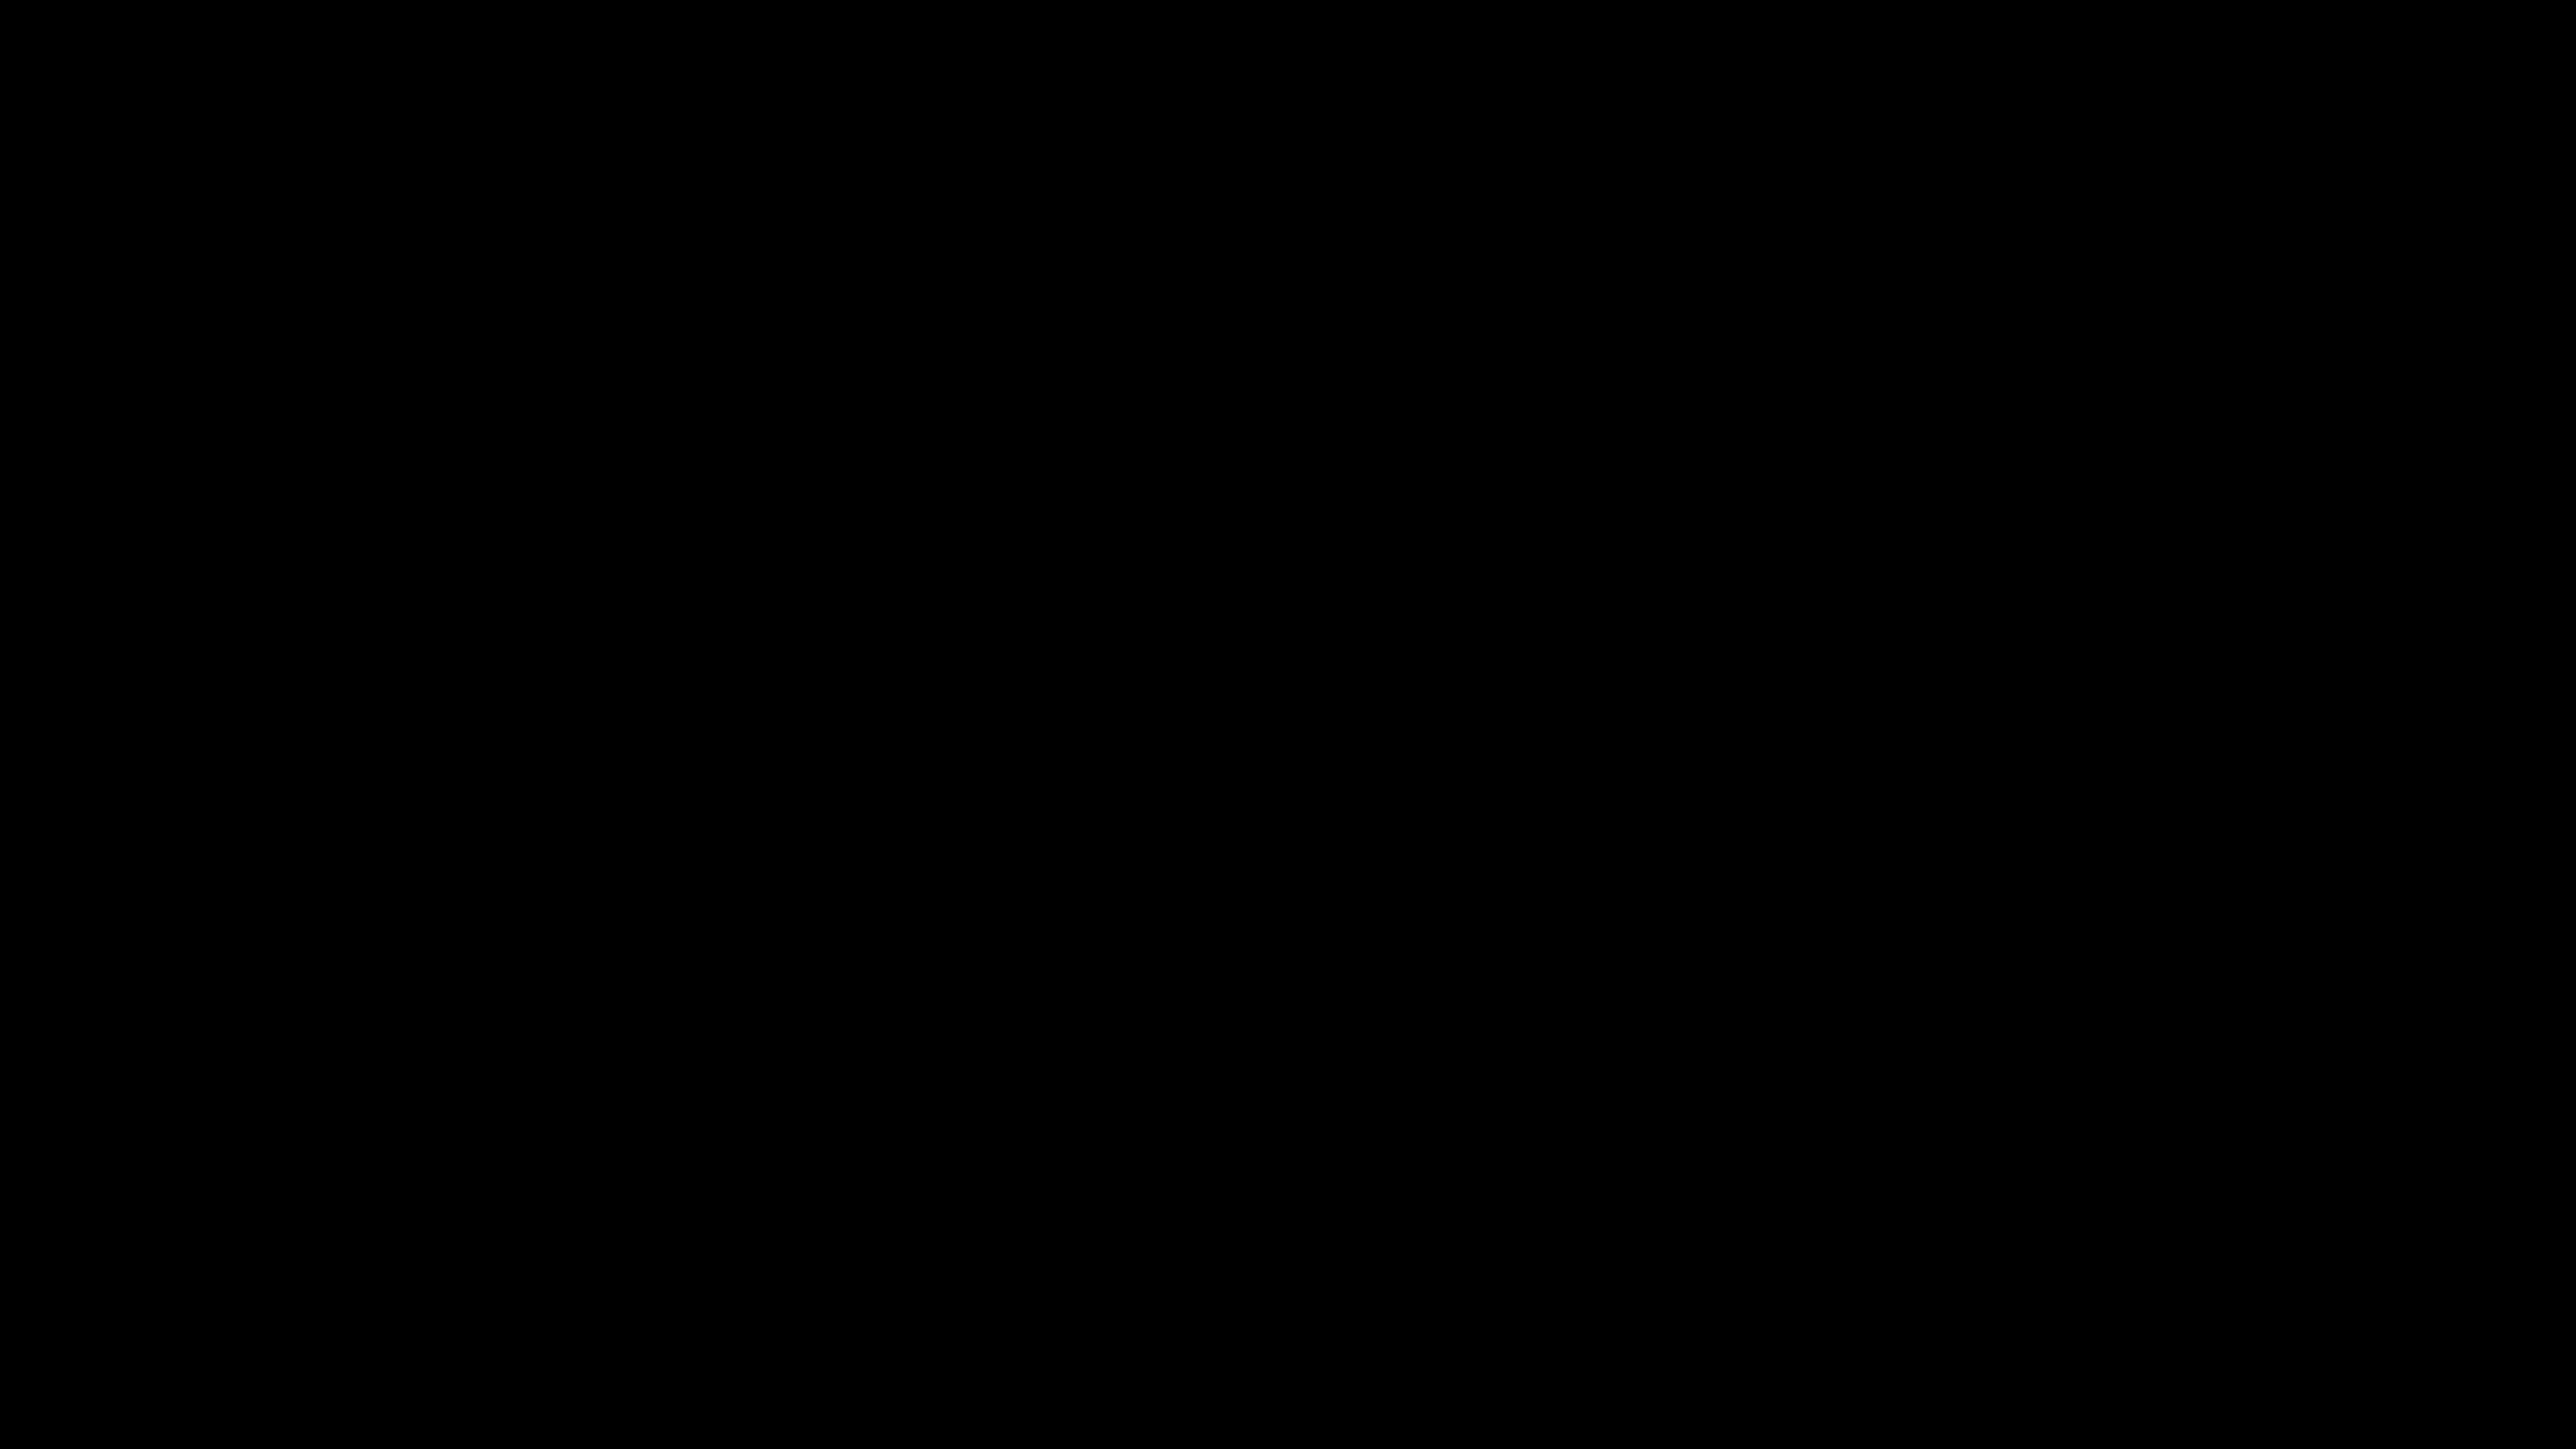 Aston Martin Valkyrie rear wing